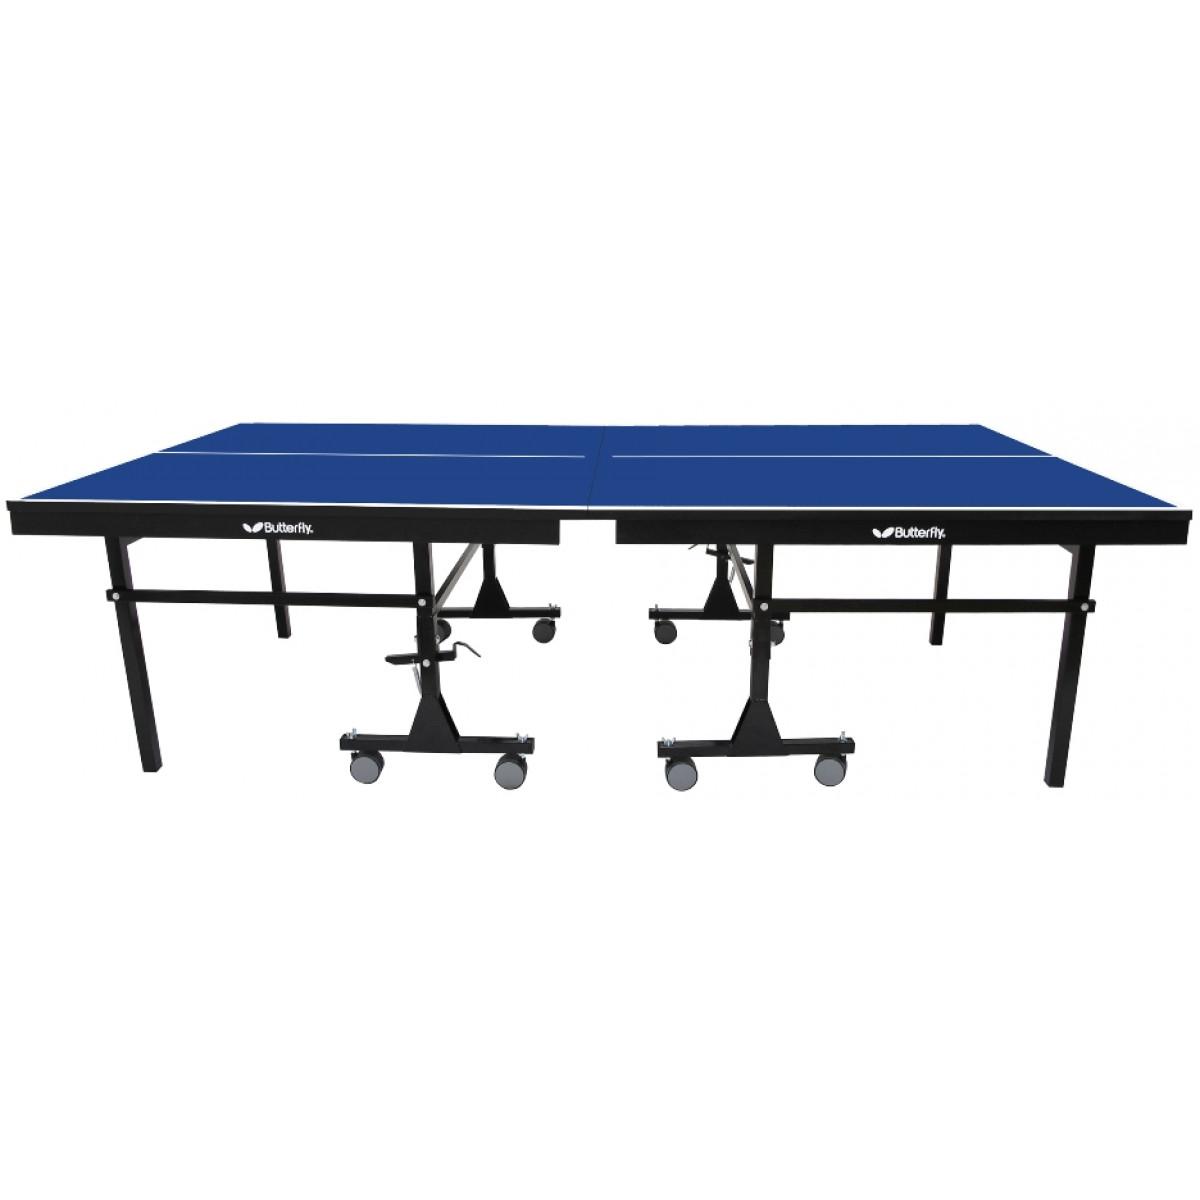 Mesa para t nis de mesa ping pong mdf 25mm c d for Mesa tenis de mesa